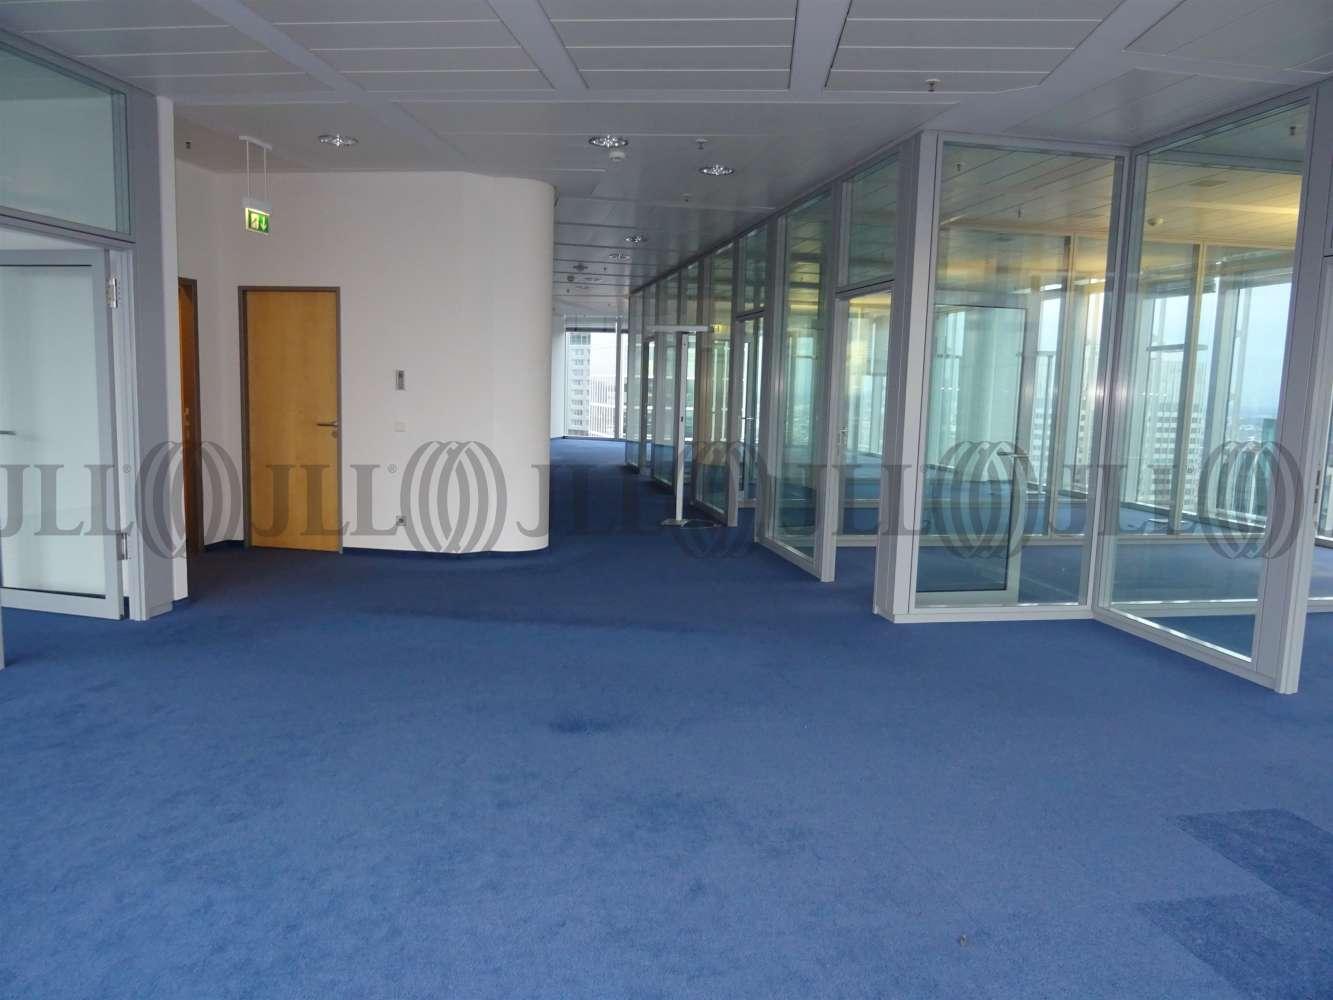 Büros Frankfurt am main, 60329 - Büro - Frankfurt am Main, Innenstadt - F0983 - 10873406